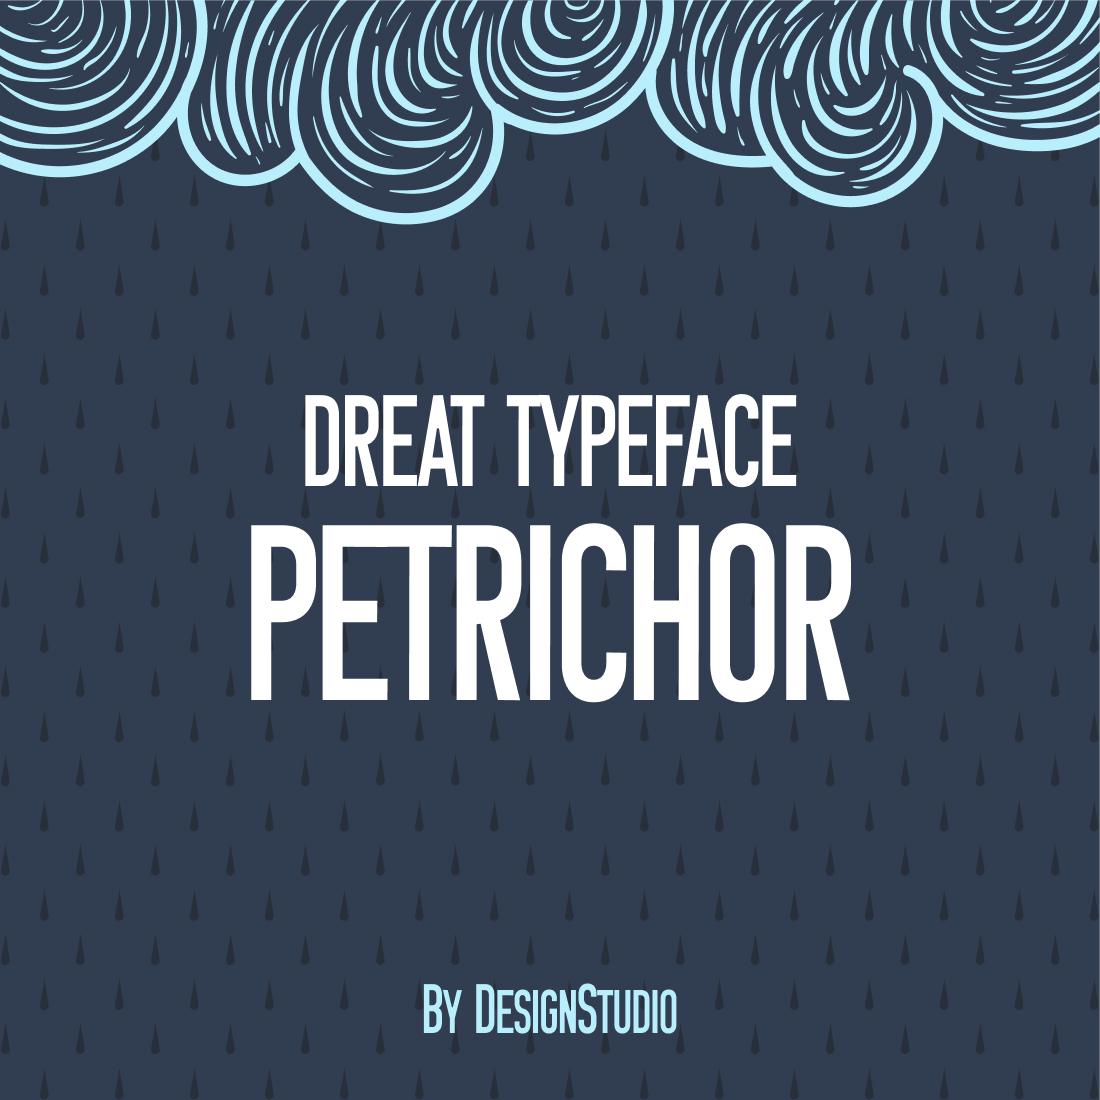 Petrichor Monospaced Sans Serif Font preview image.